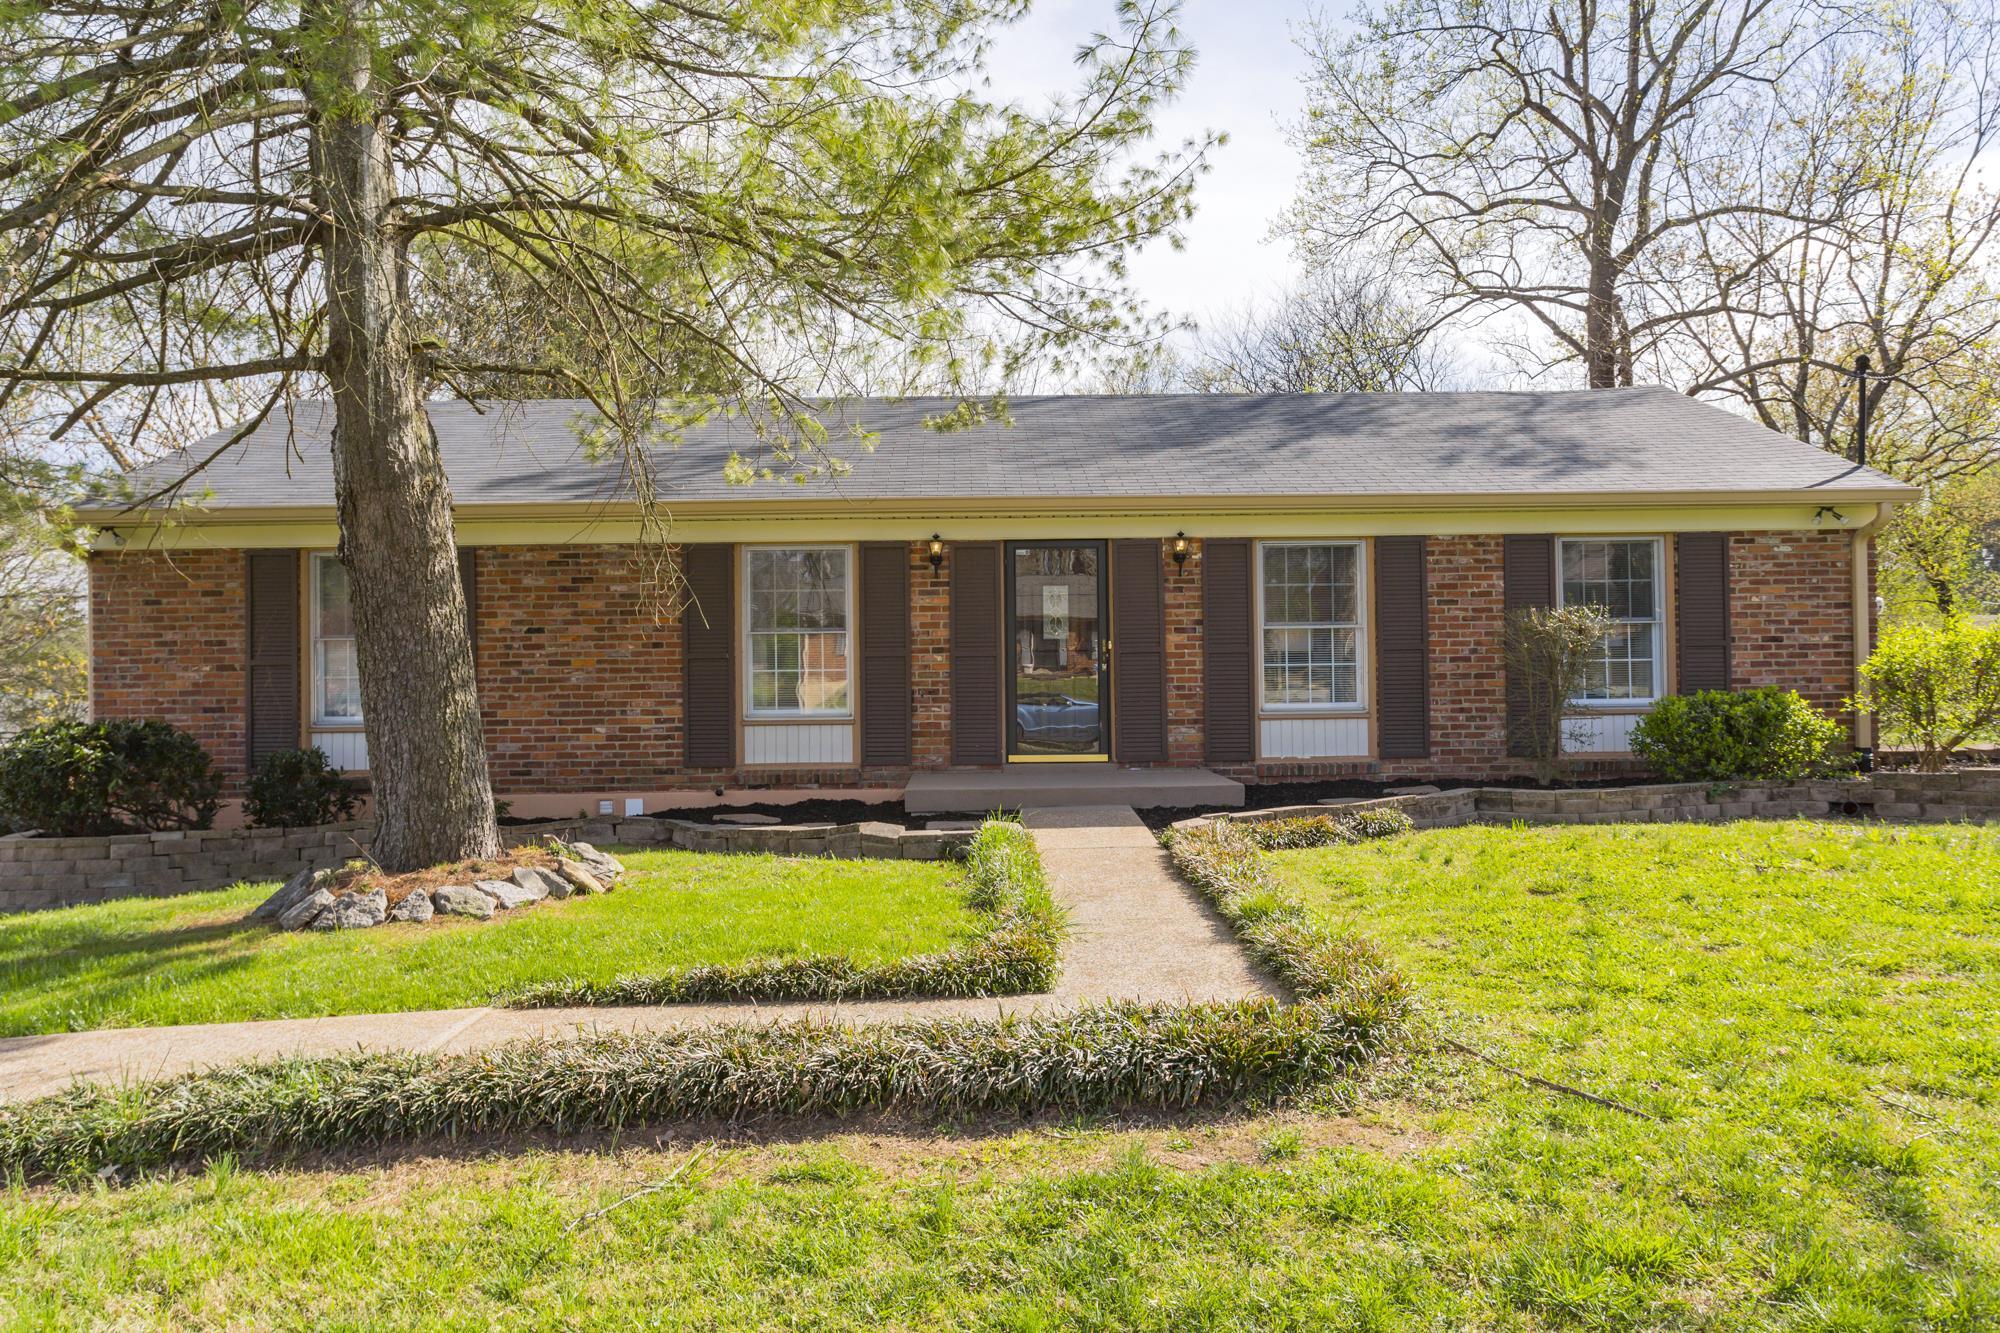 203 Garrett Dr, Crieve Hill, Tennessee